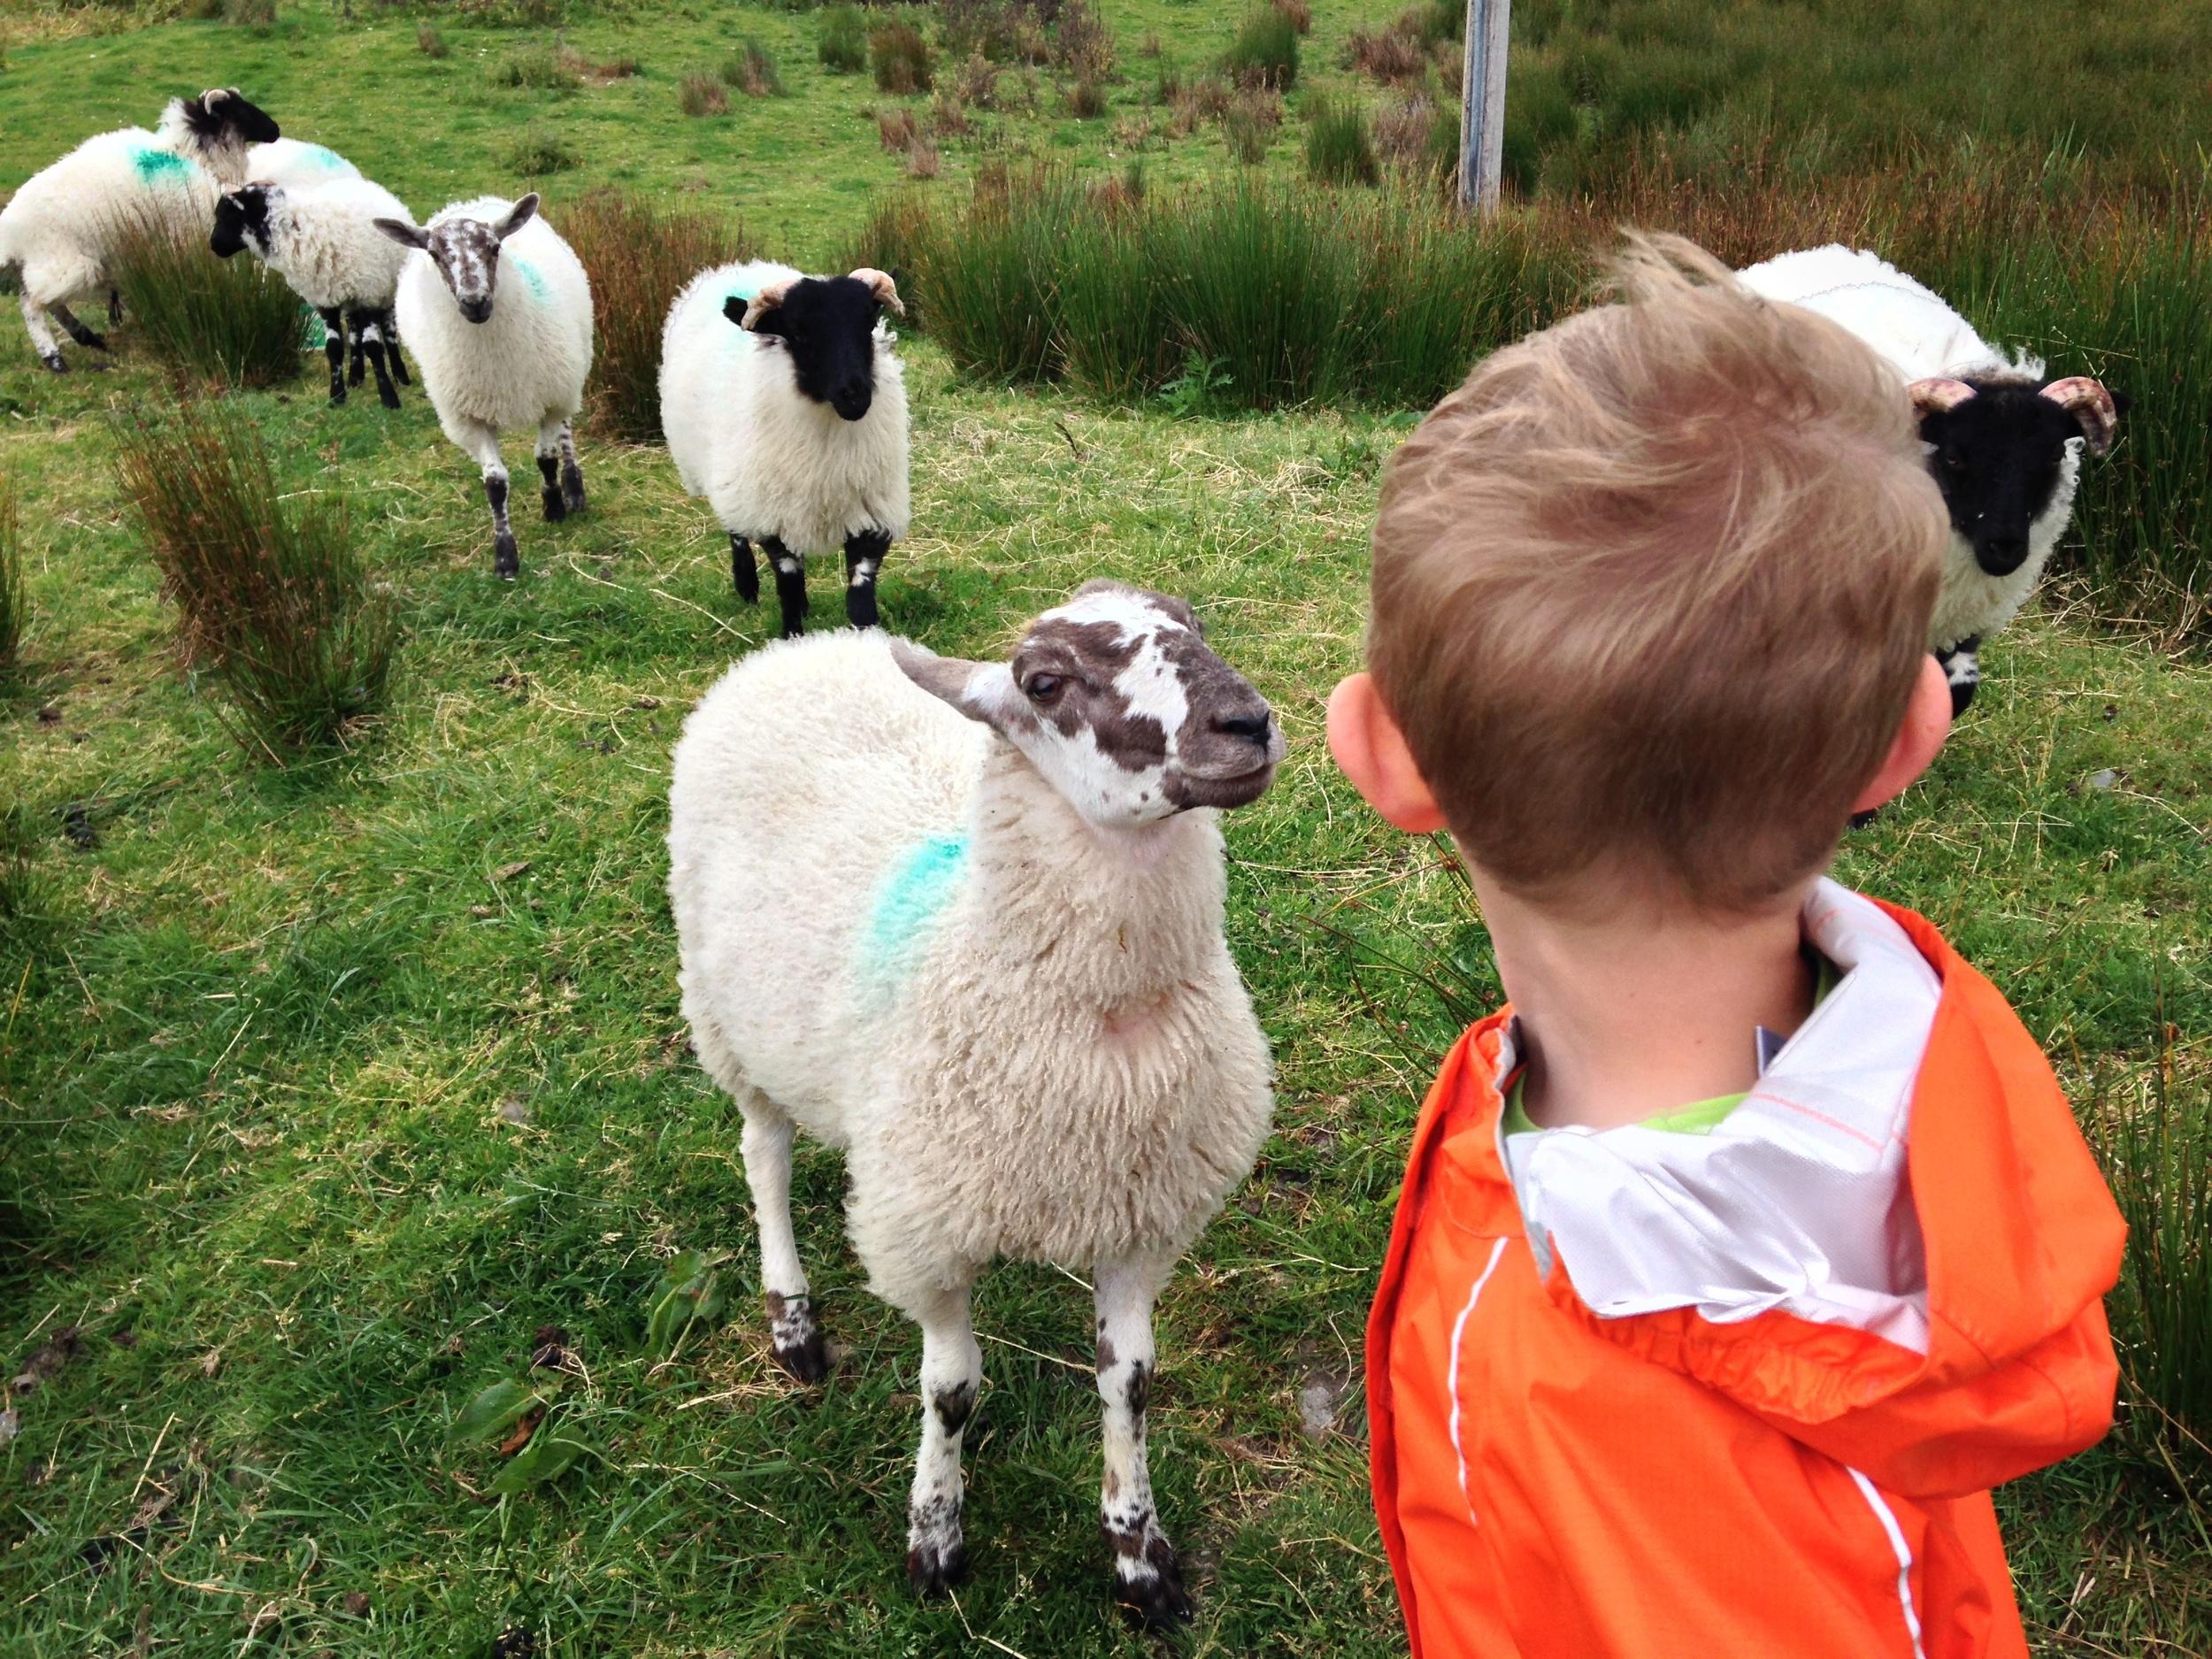 Kian visiting the pet lambs